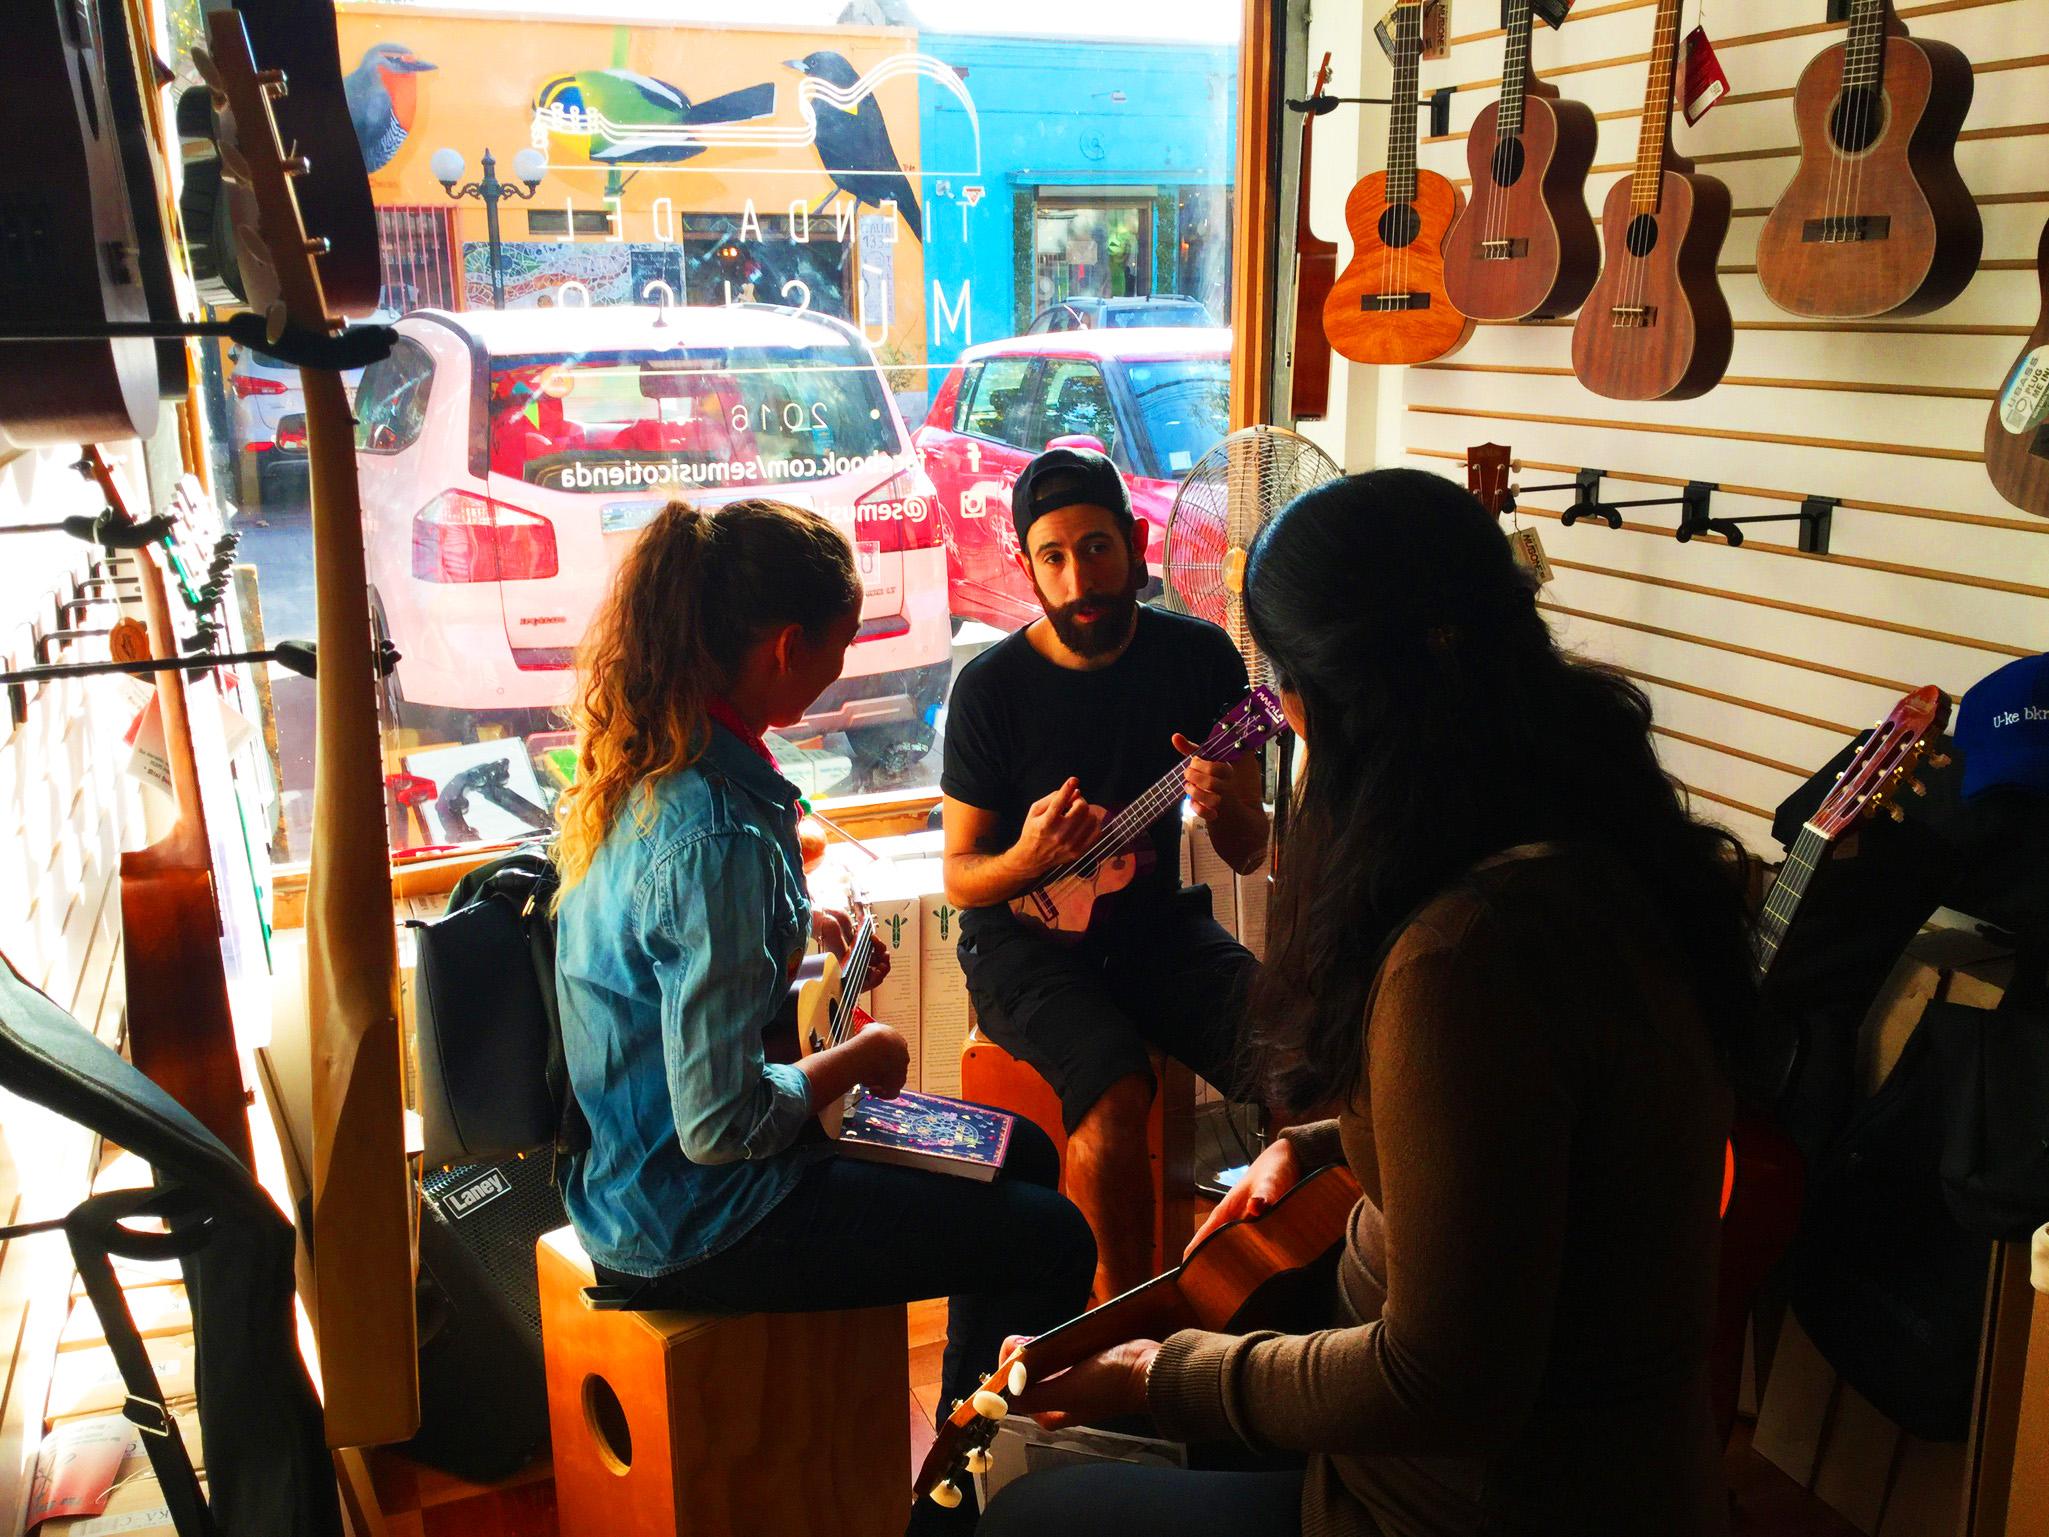 Ser músico no es sólo para algunos y algunas. Te enseñamos ukelele en sólo 5 minutos.